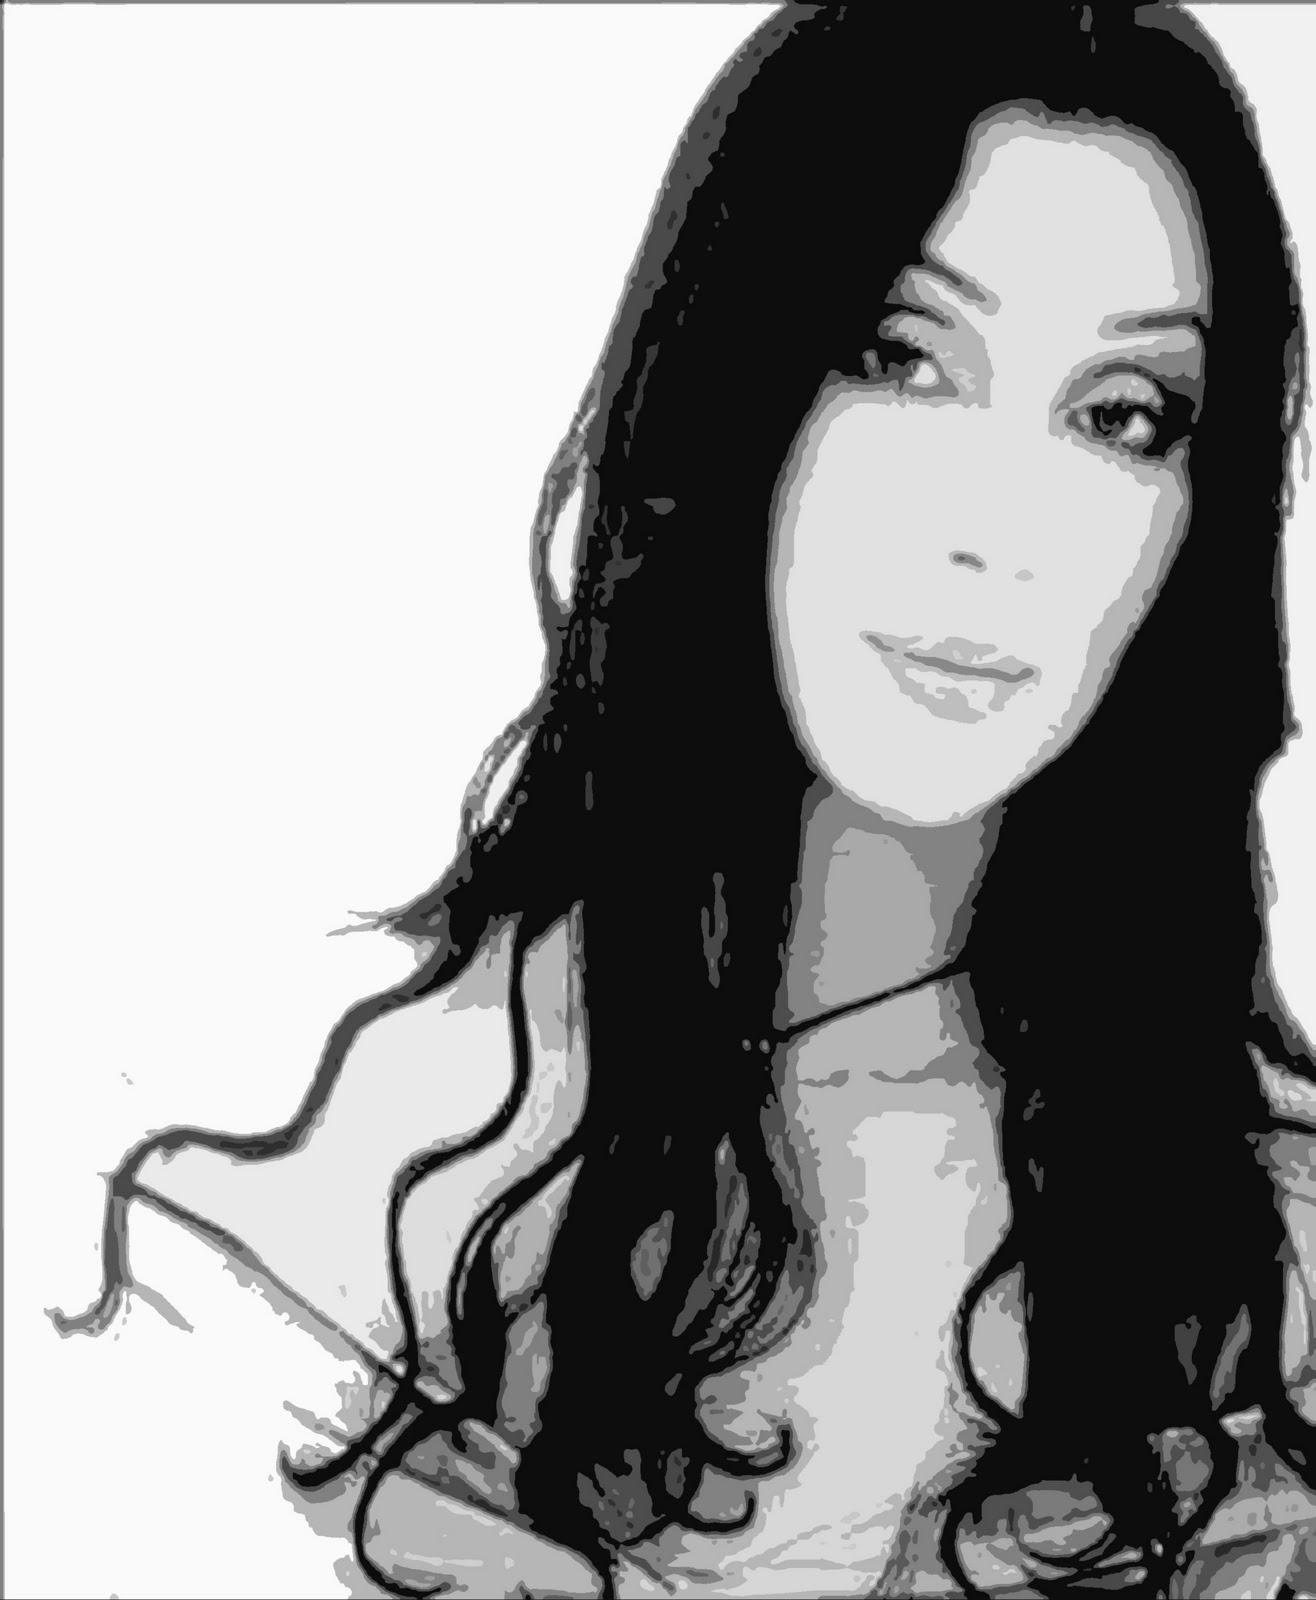 http://4.bp.blogspot.com/-P8vnGzXtjoM/TW1E9tByJCI/AAAAAAAAAIo/bOgP7NFebIc/s1600/Cher.jpg